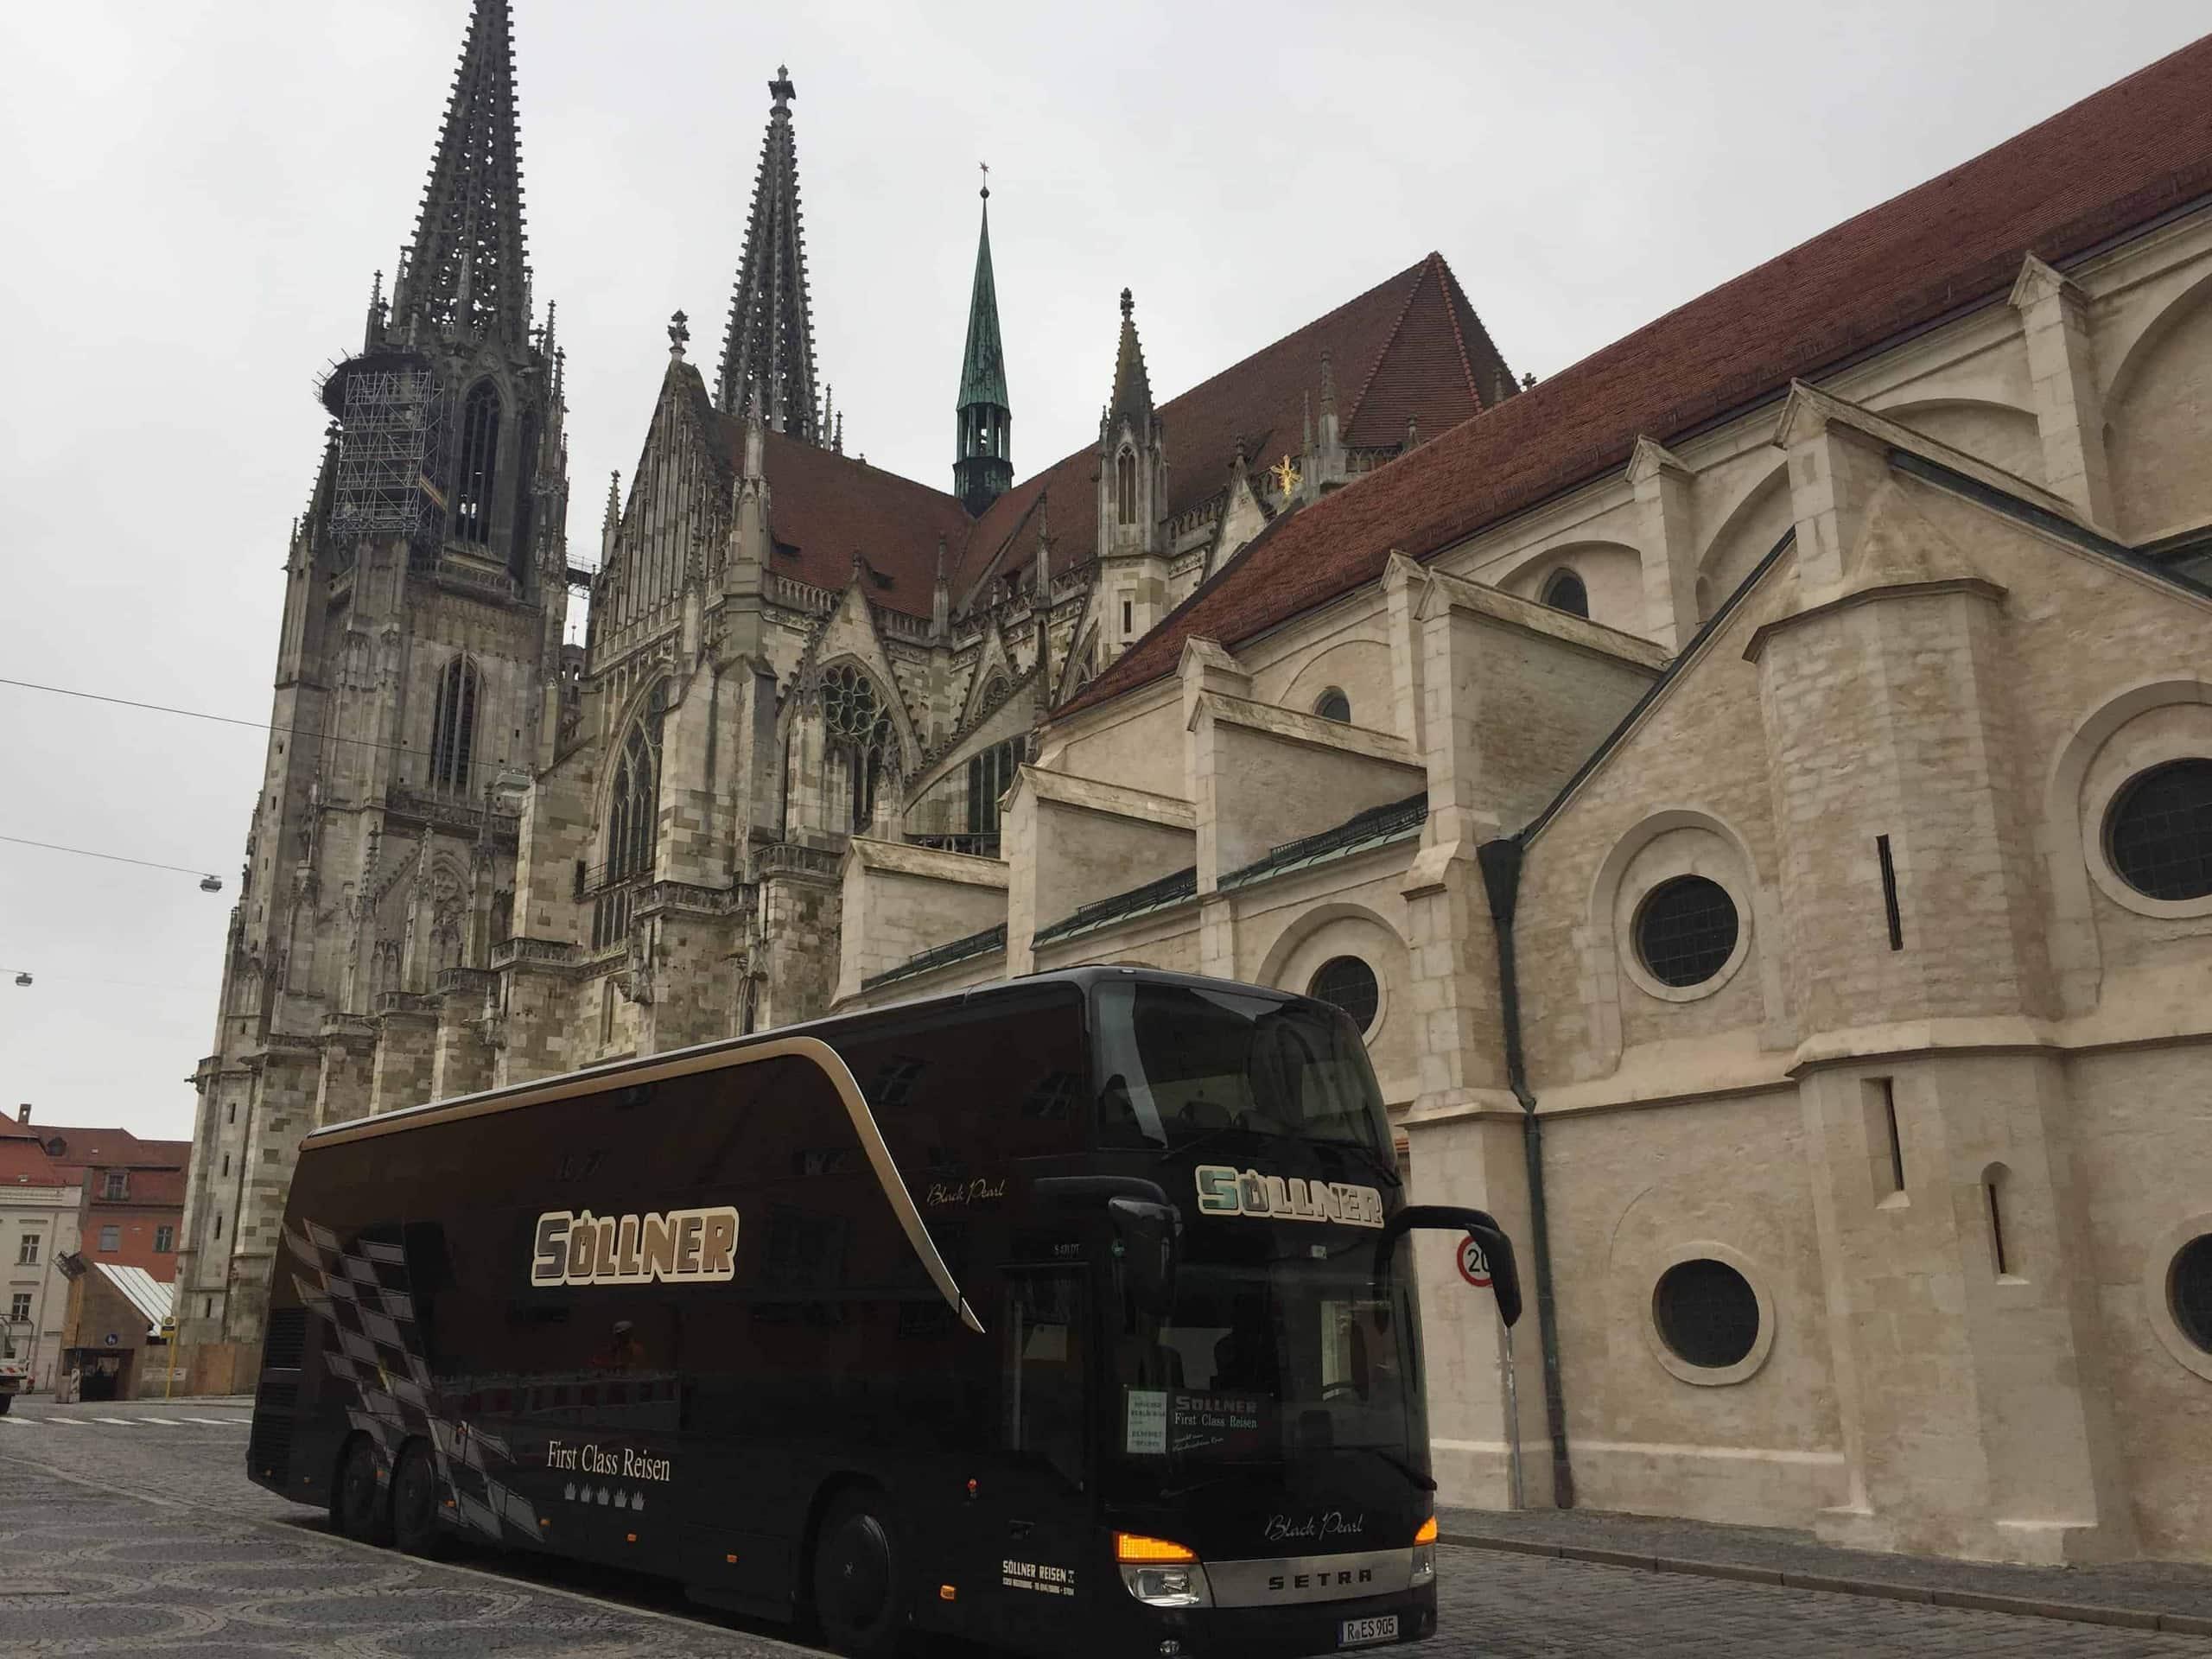 Entspannt Europa entdecken mit Söllner Regensburger Reiseunternehmen hat auch 2019 viele abwechslungsreiche Fahrten parat